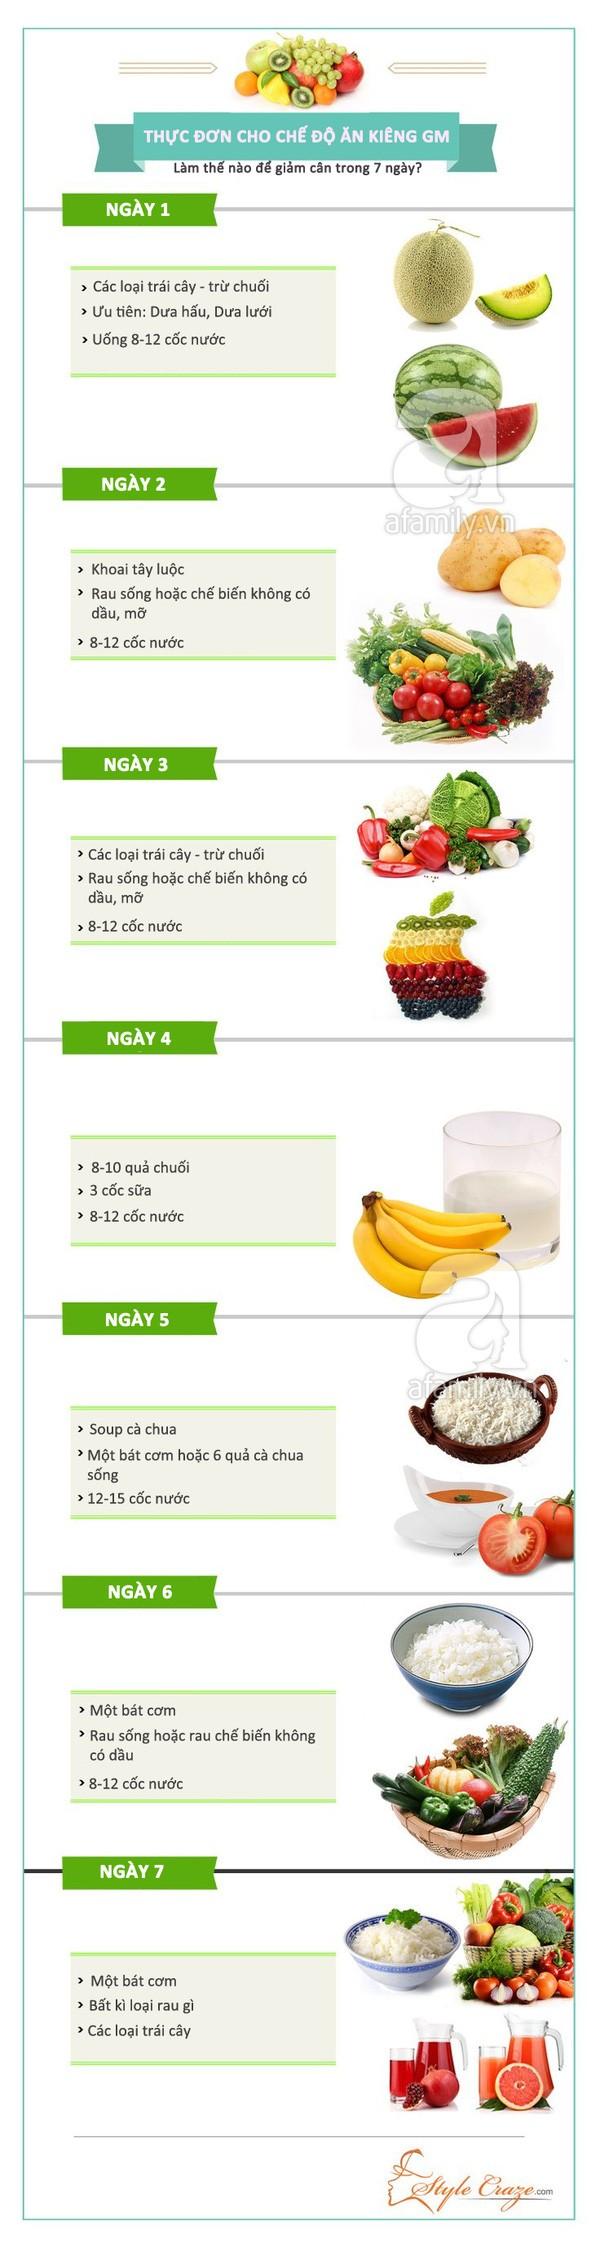 chế độ ăn kiêng GM giảm béo